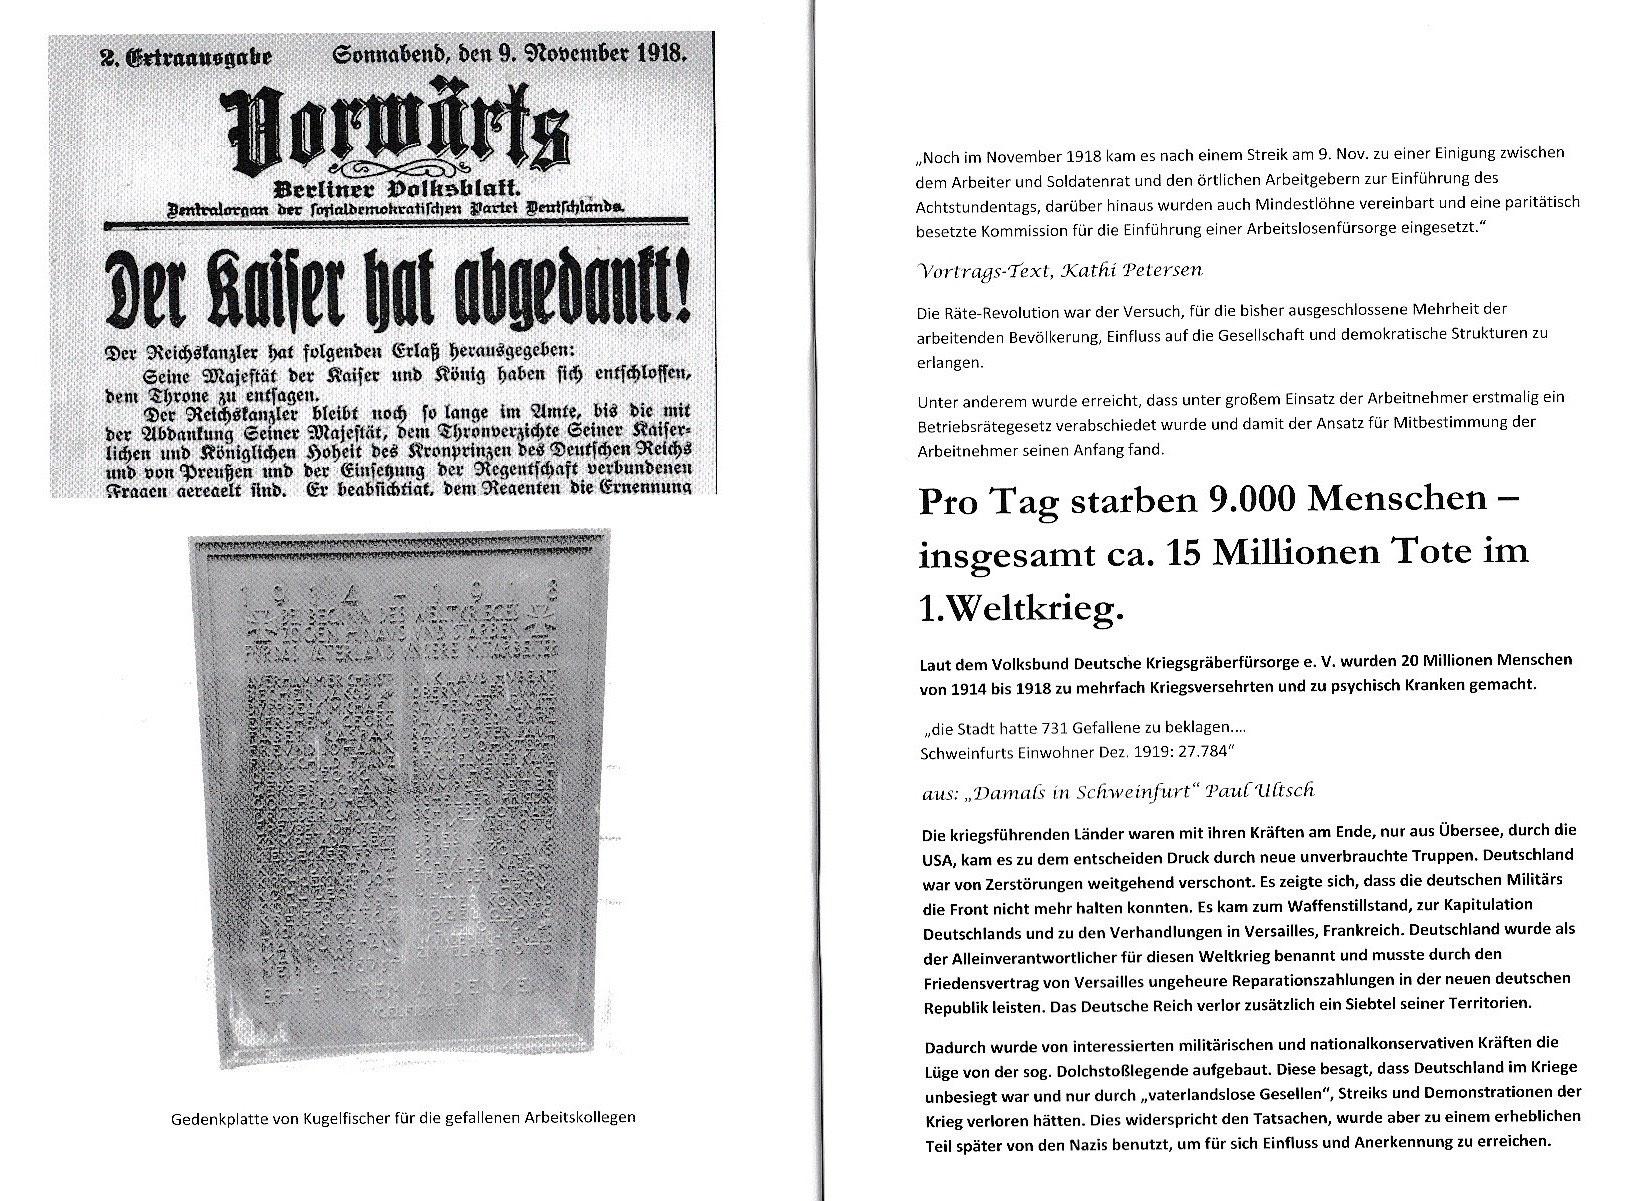 Der 1. Weltkrieg und seine Auswirkungen auf Schweinfurt ...